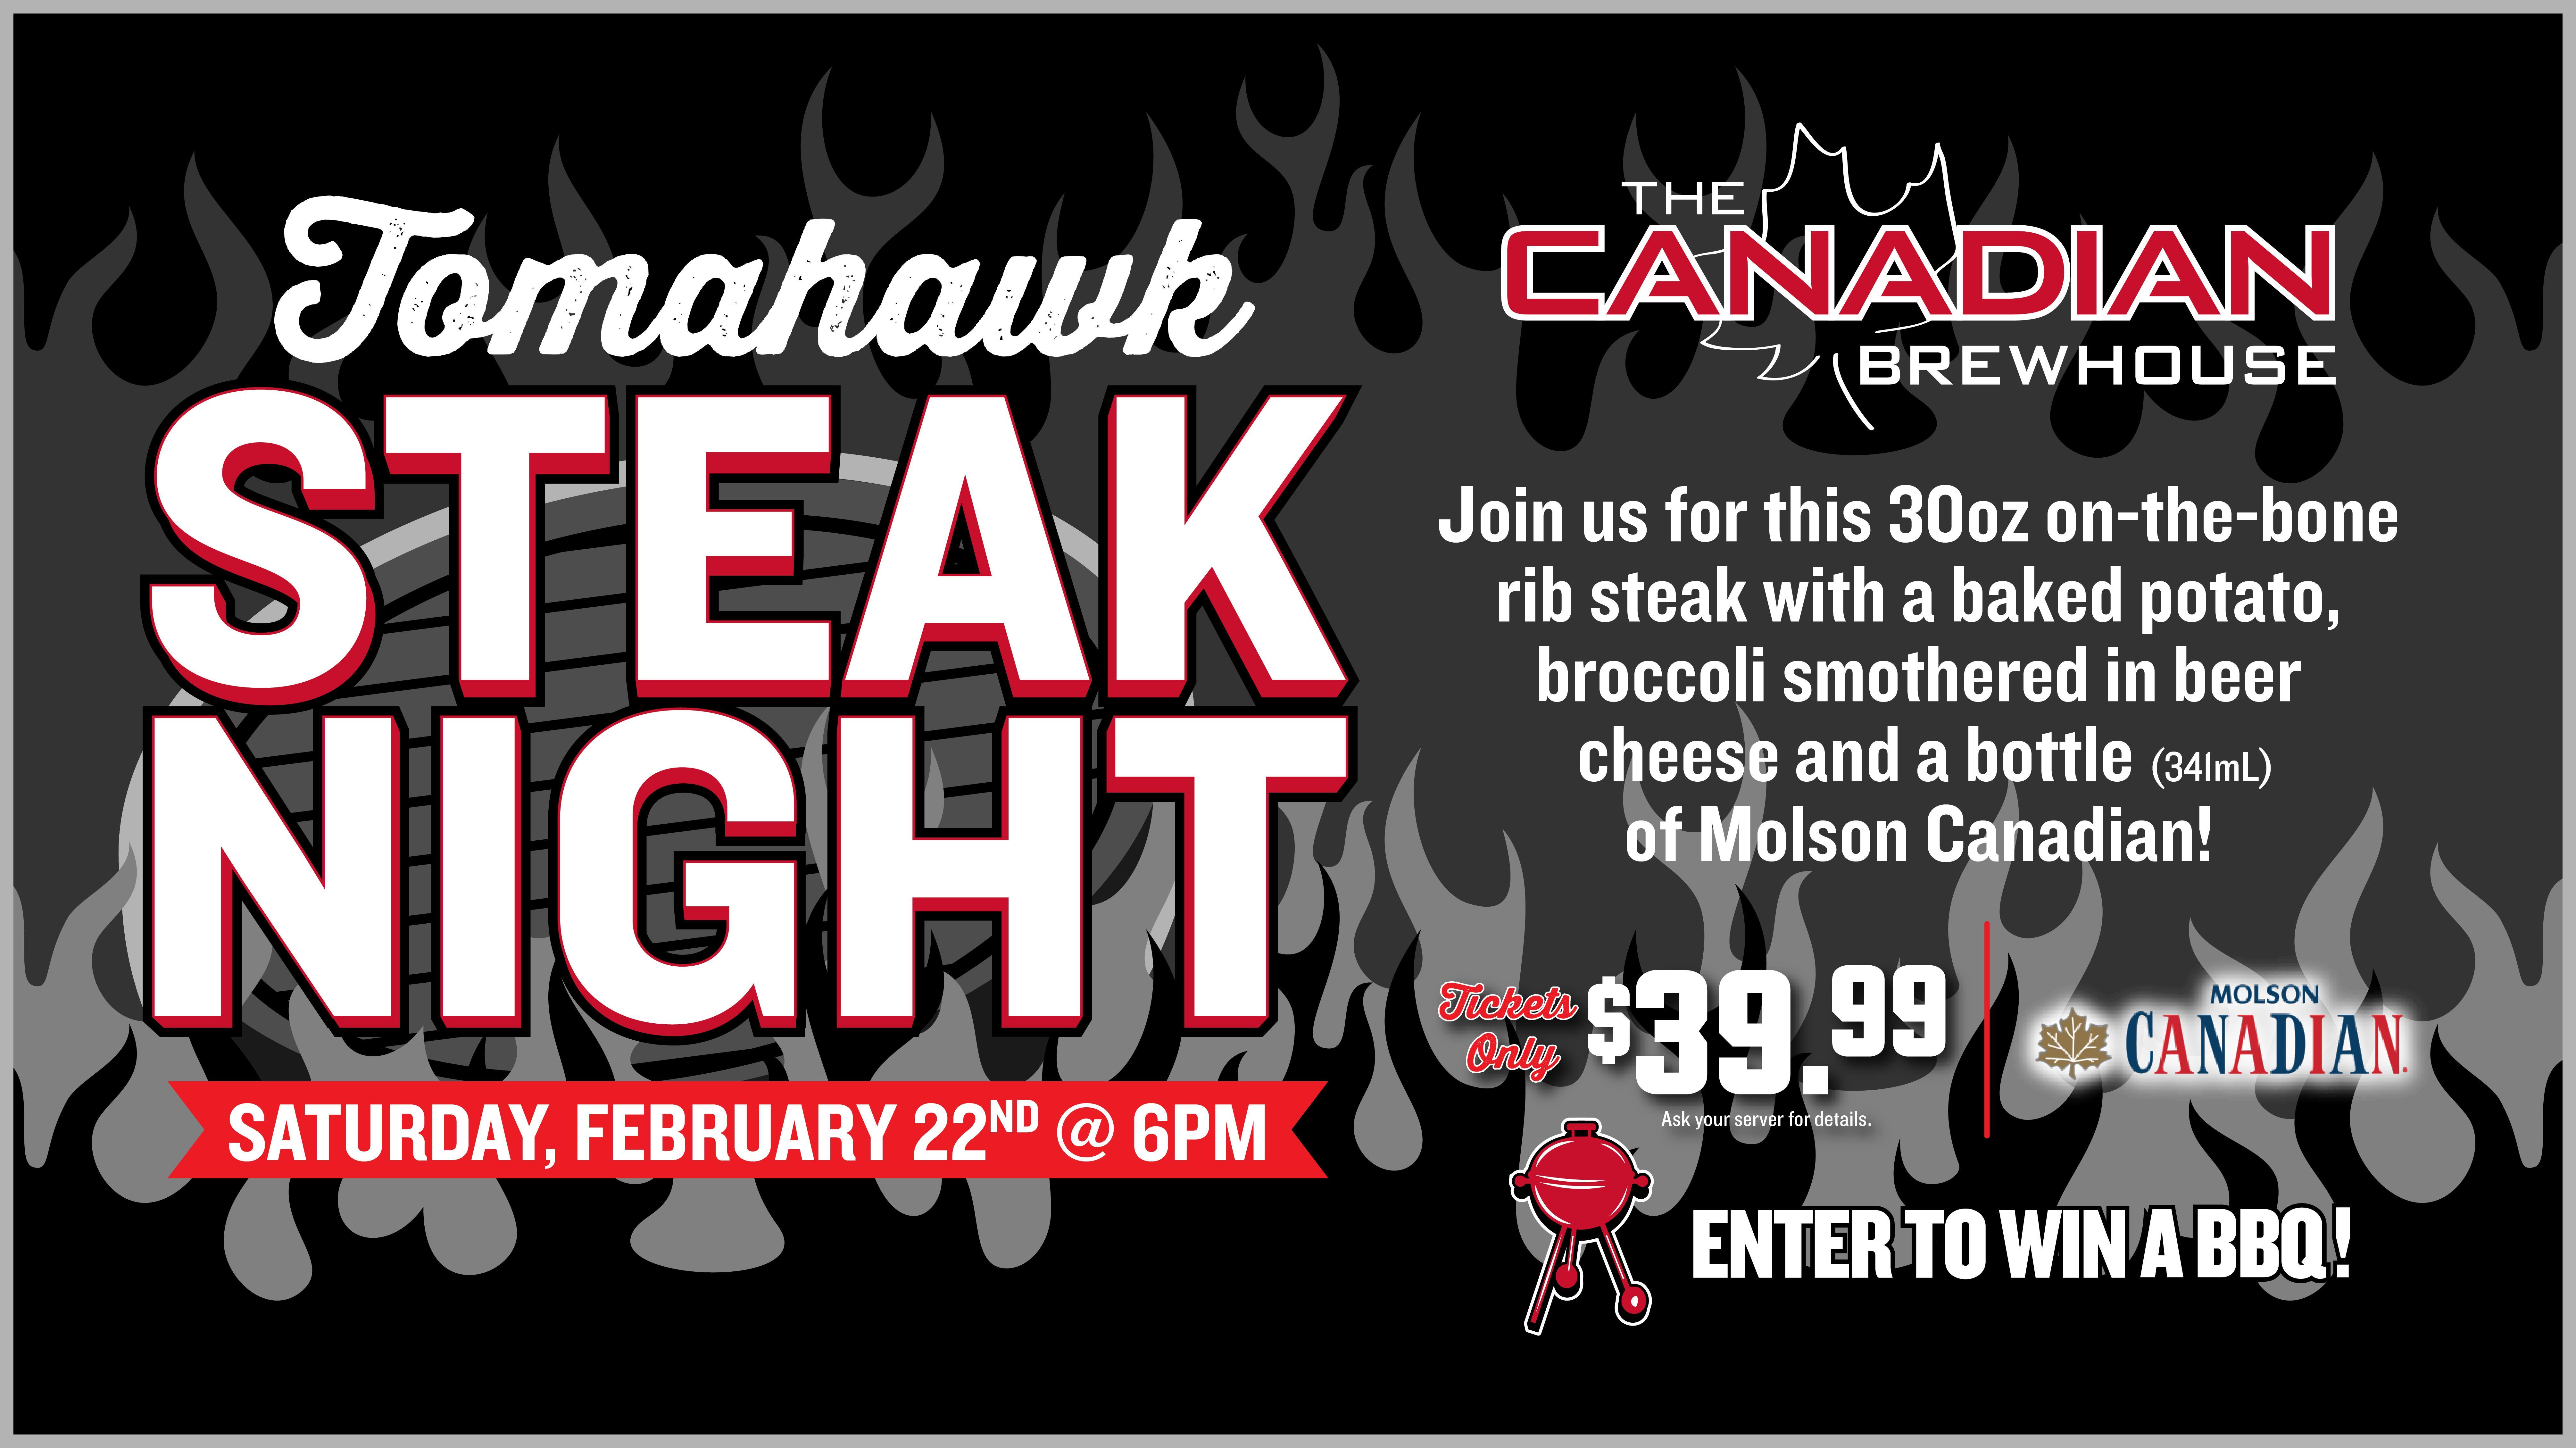 Tomahawk Steak Night (St. Albert - Jensen Lakes)